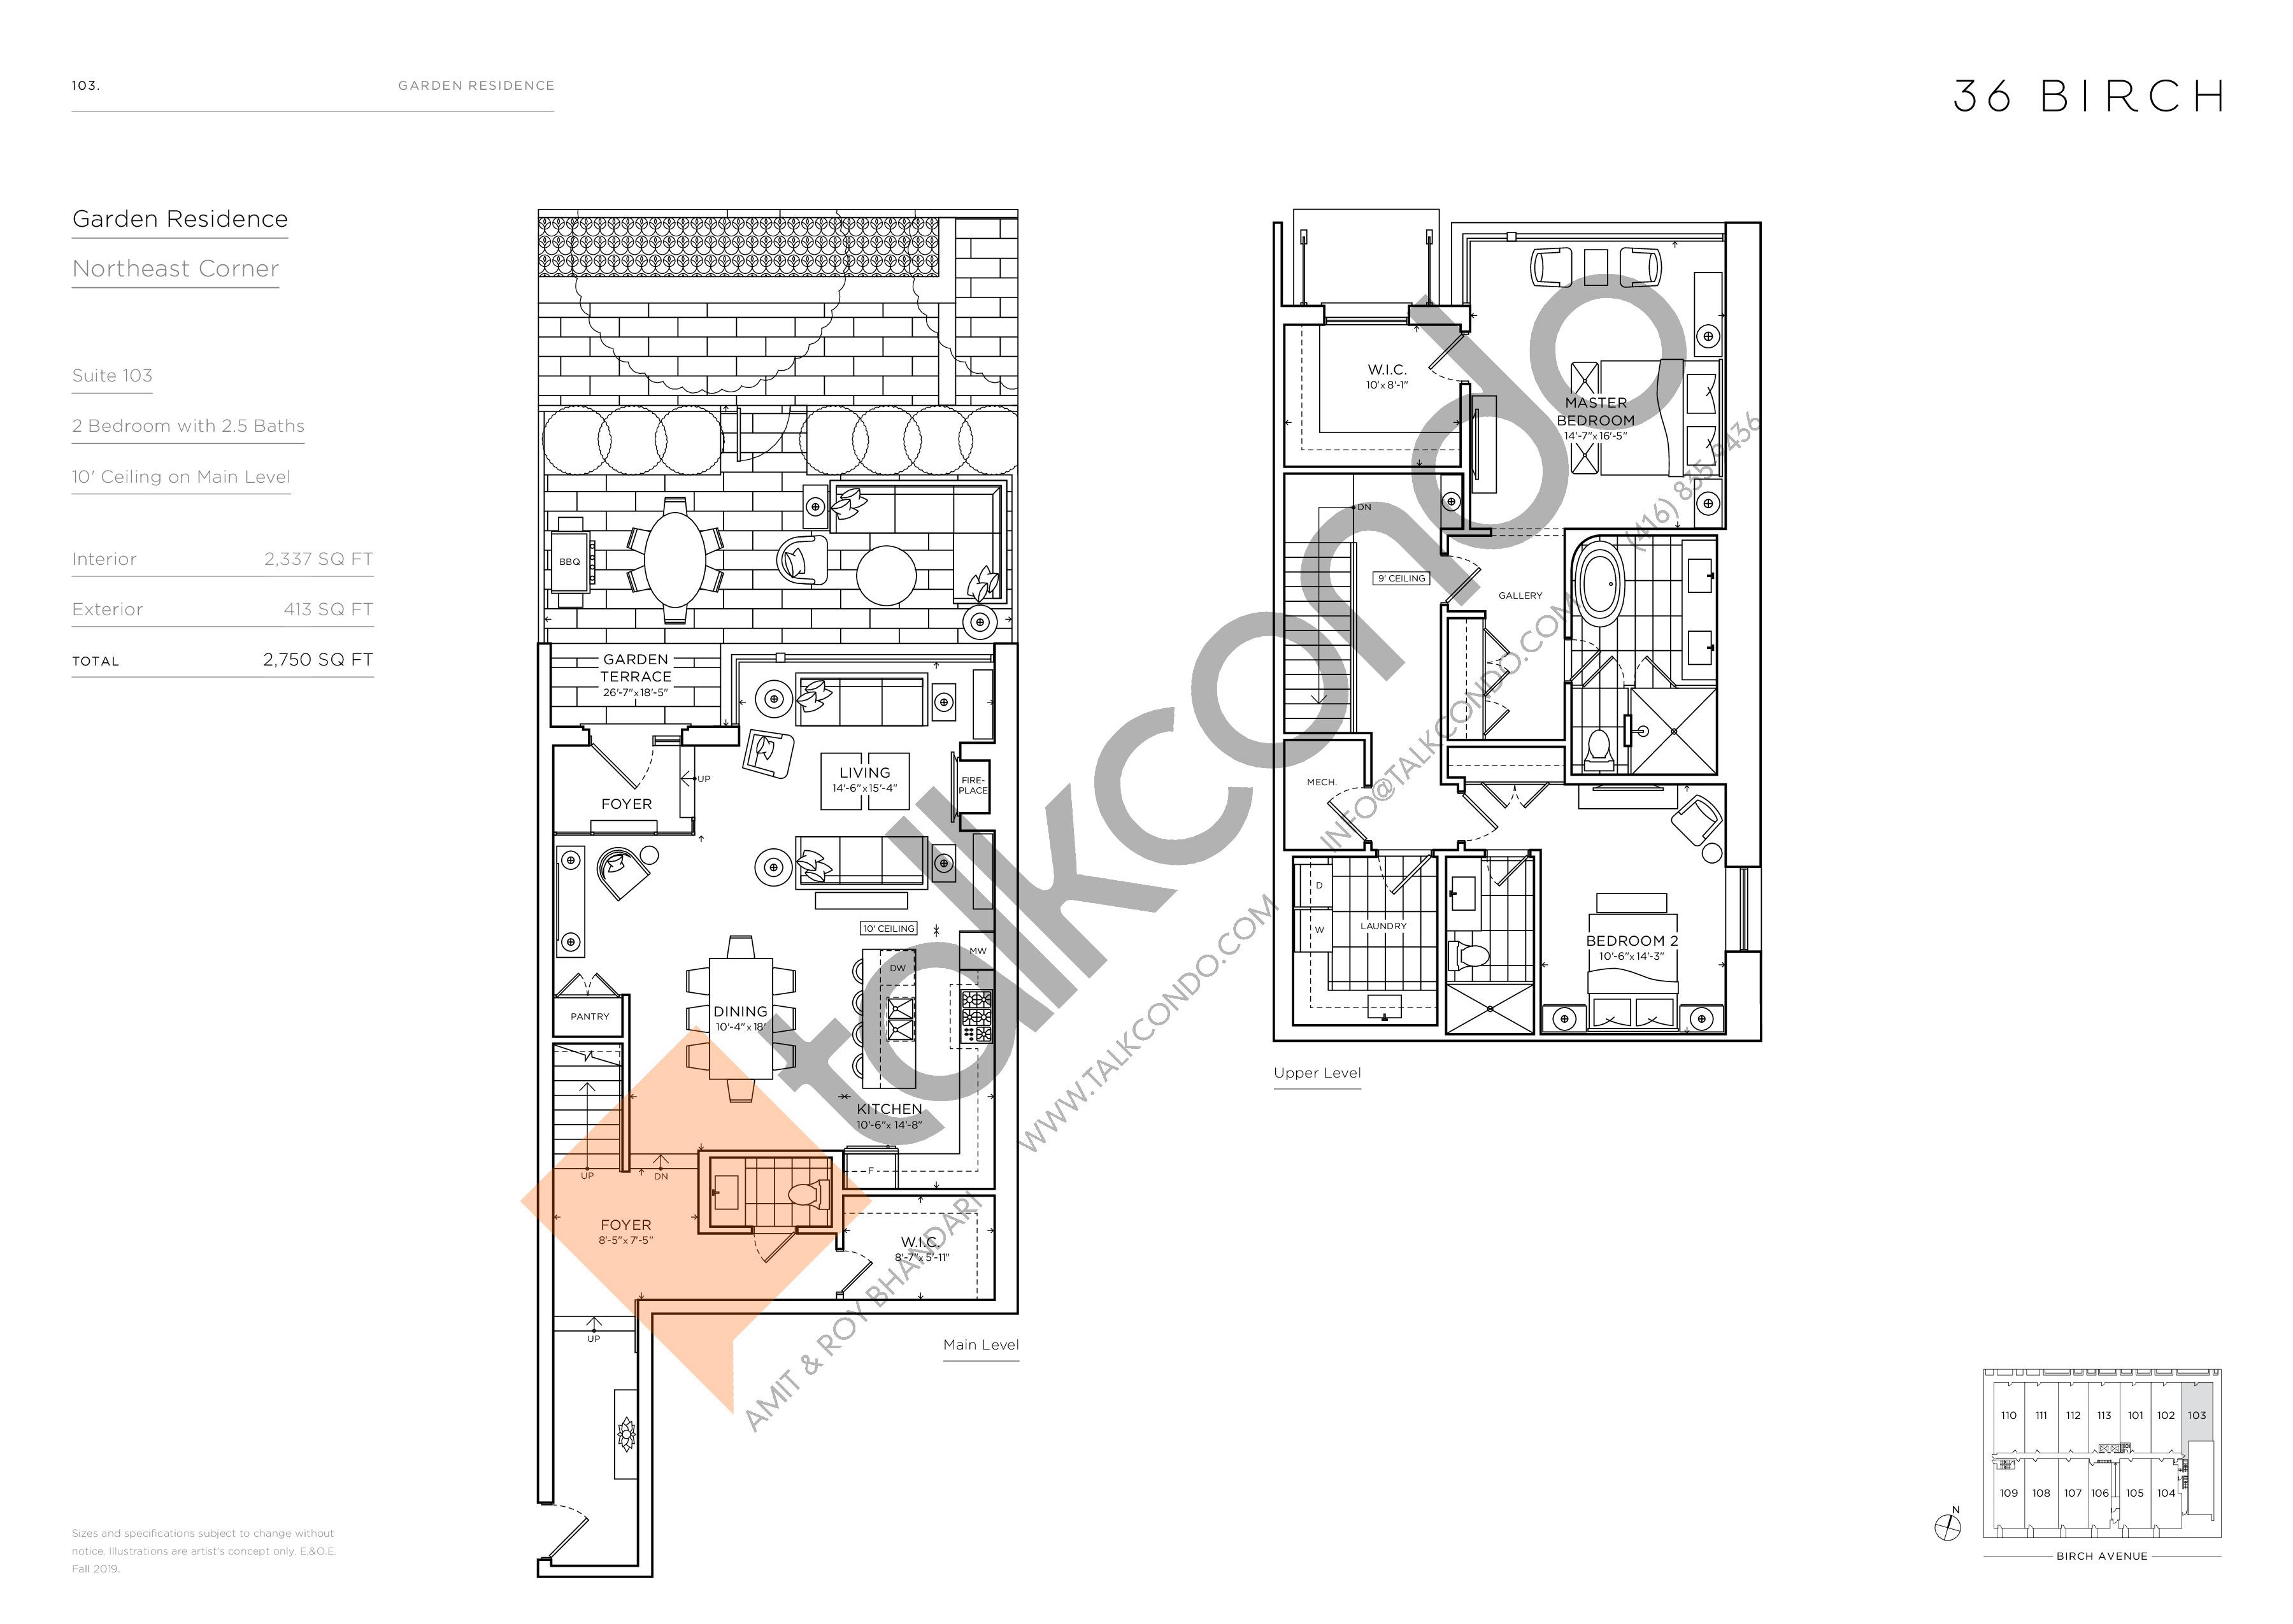 103 - Garden Residences Floor Plan at 36 Birch Condos - 2337 sq.ft